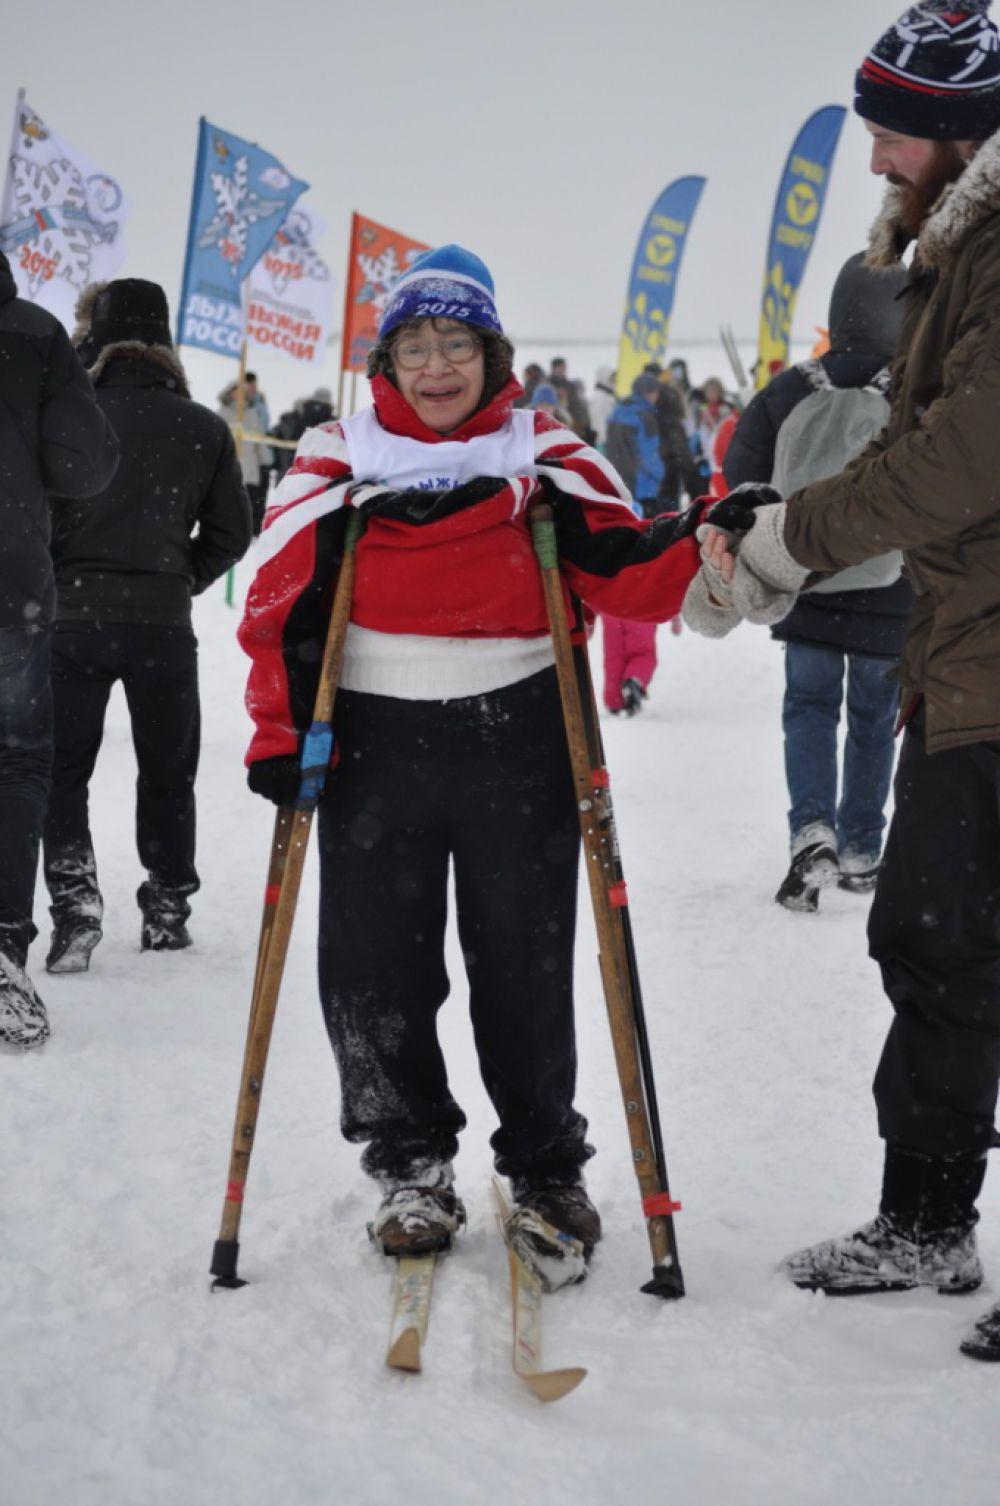 Среди лыжников - известная спортсменка, ветеран спорта, колясочница Наталья Алексеева.